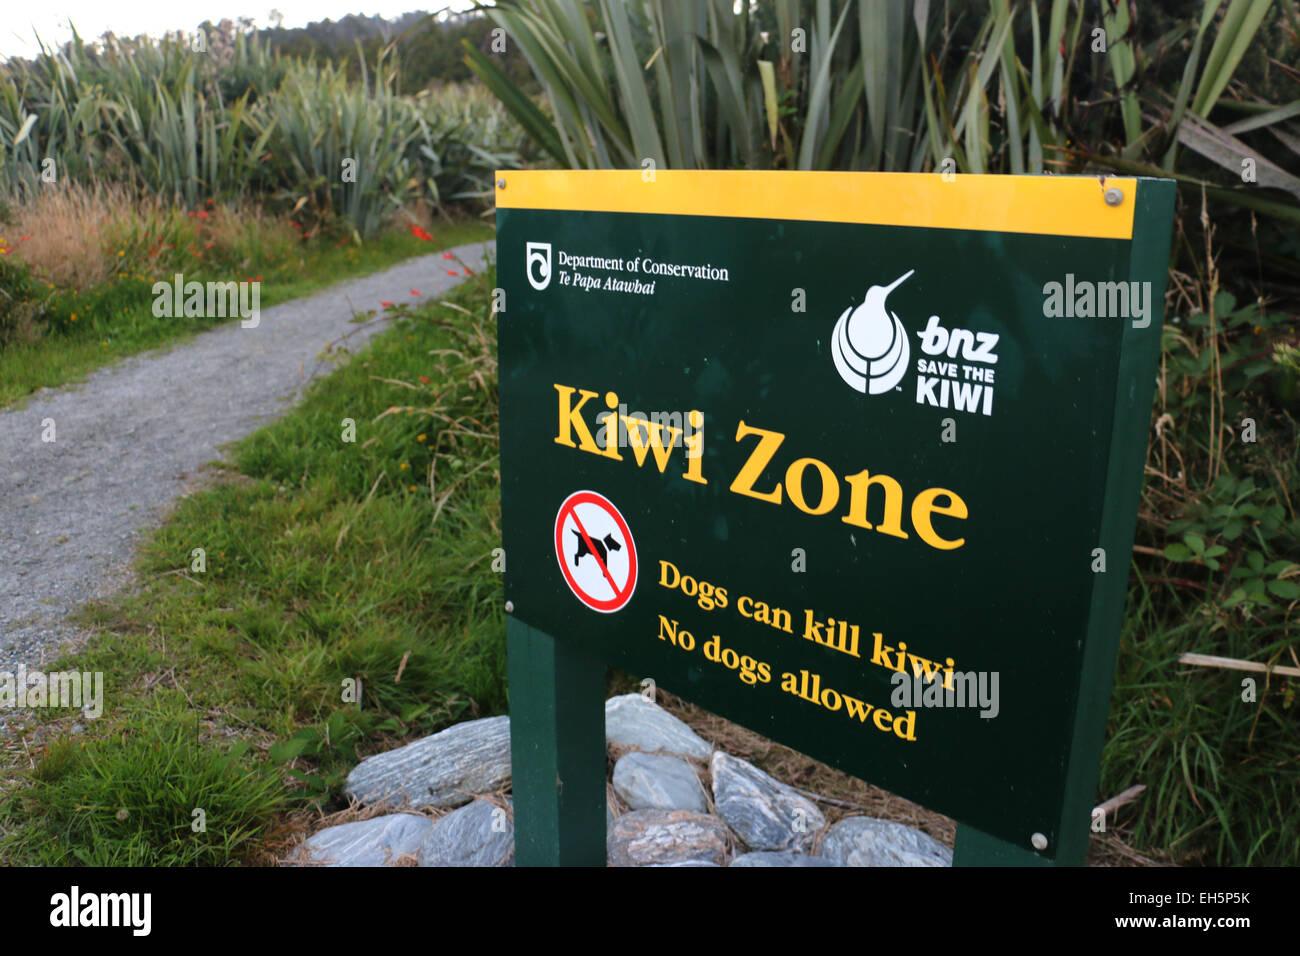 Kiwi zone conservation sign dog warning New Zealand - Stock Image